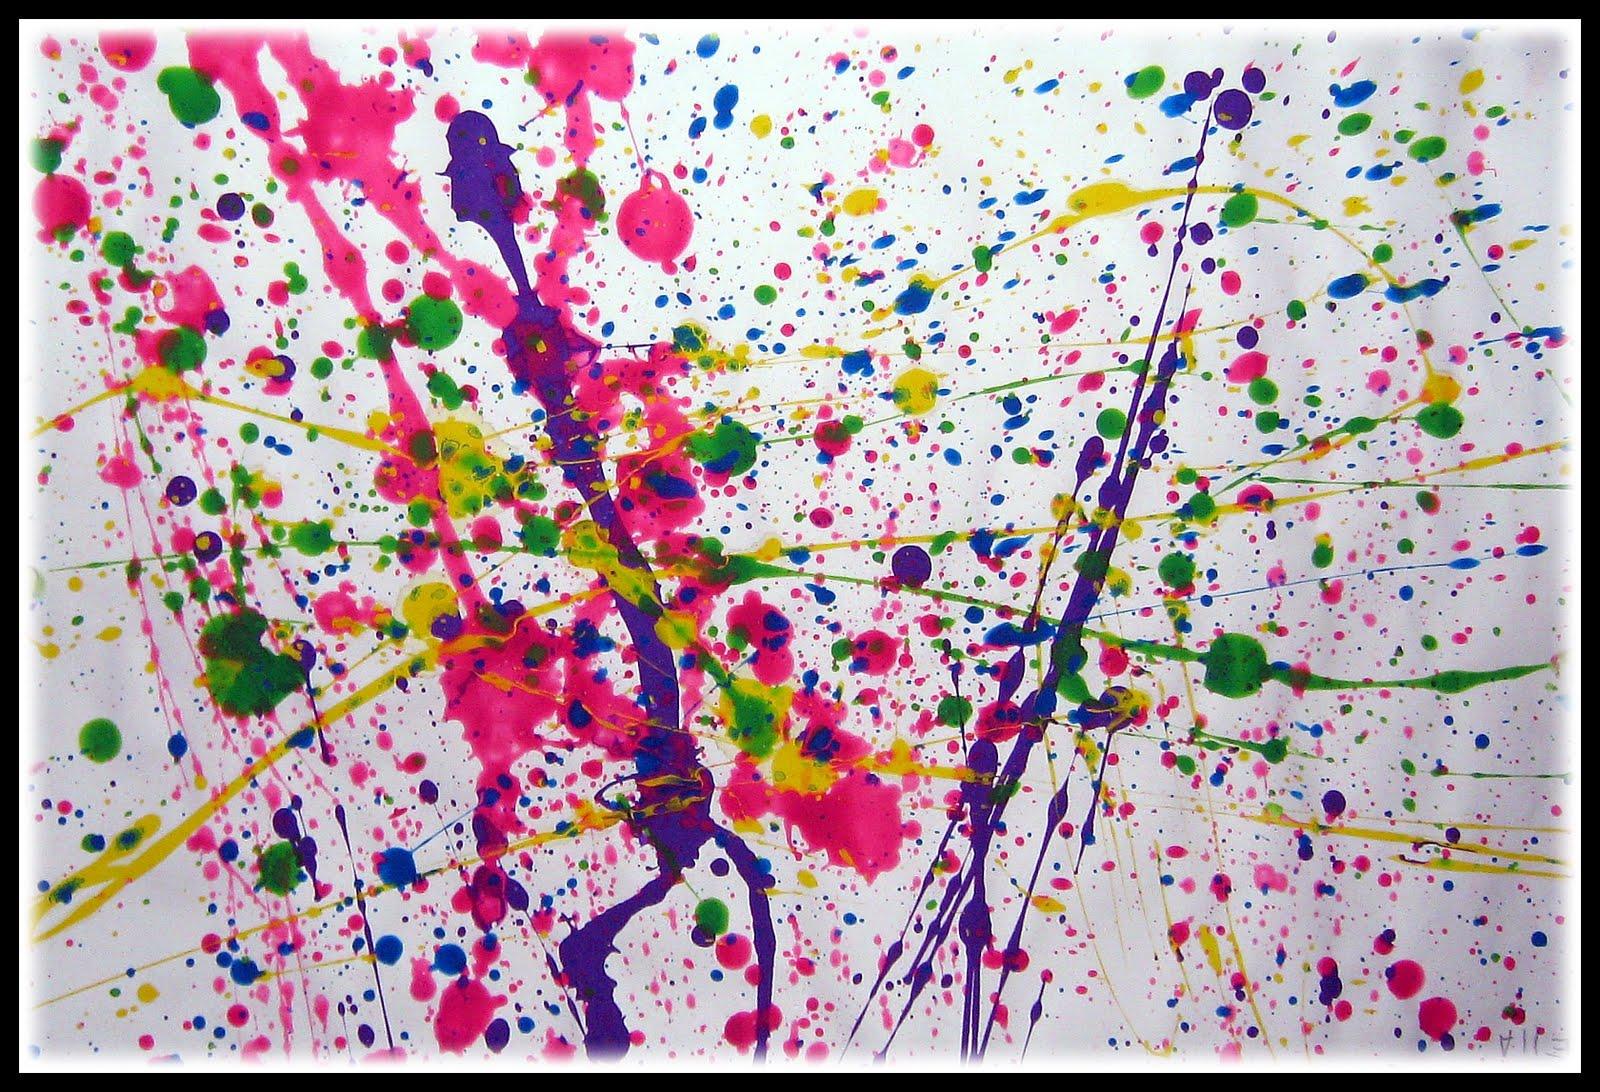 Le Dripping Une Technique De Peinture Particule D Art